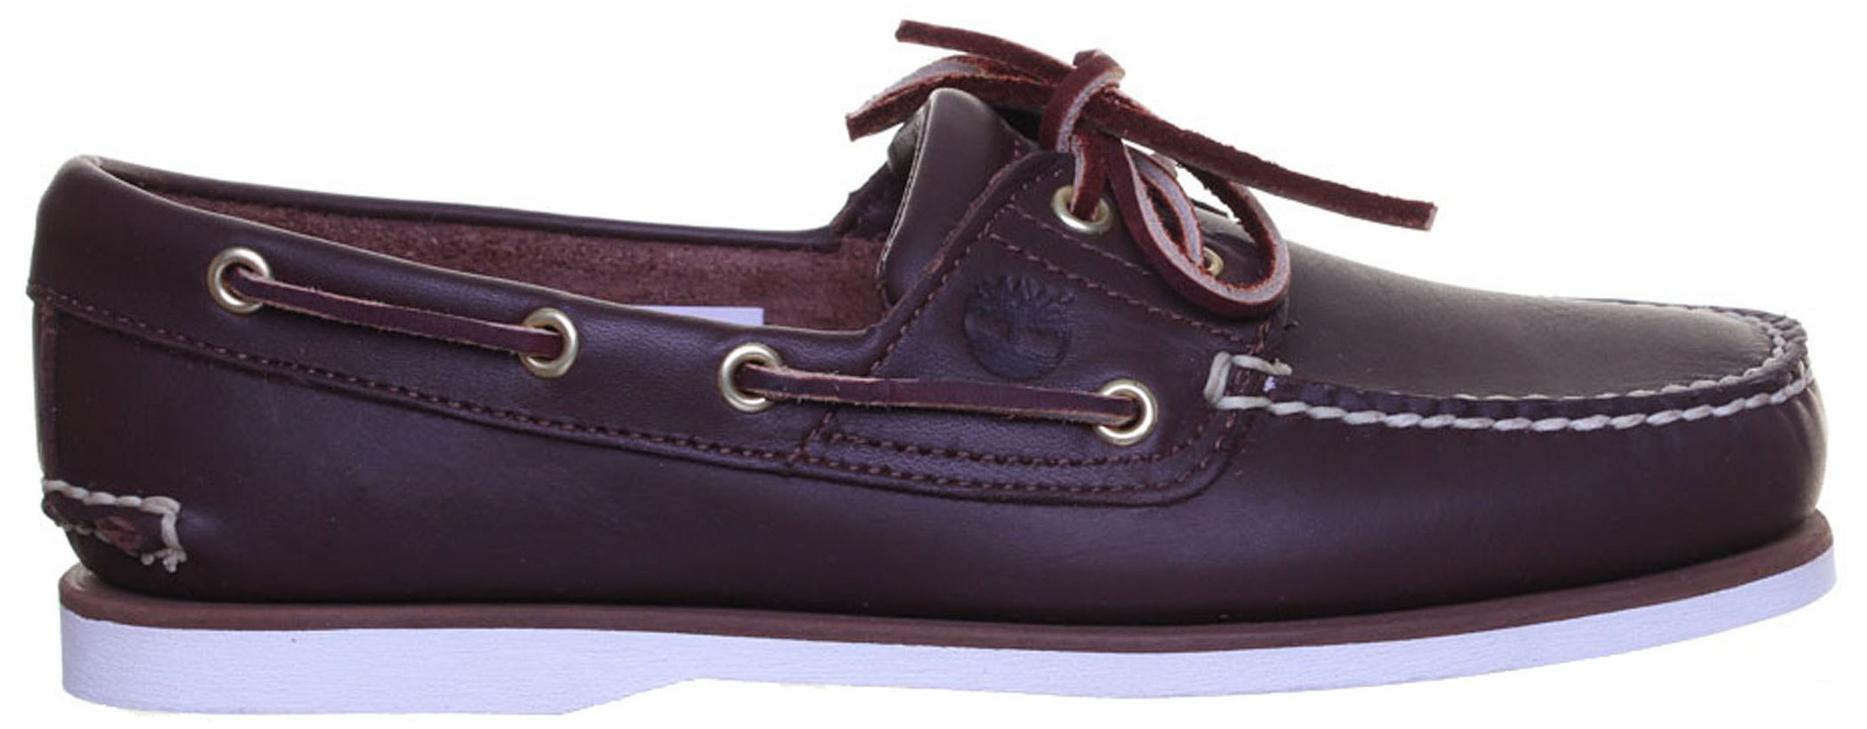 Sapato de vela Clássico pele preto de Homem , até 2019 12 08